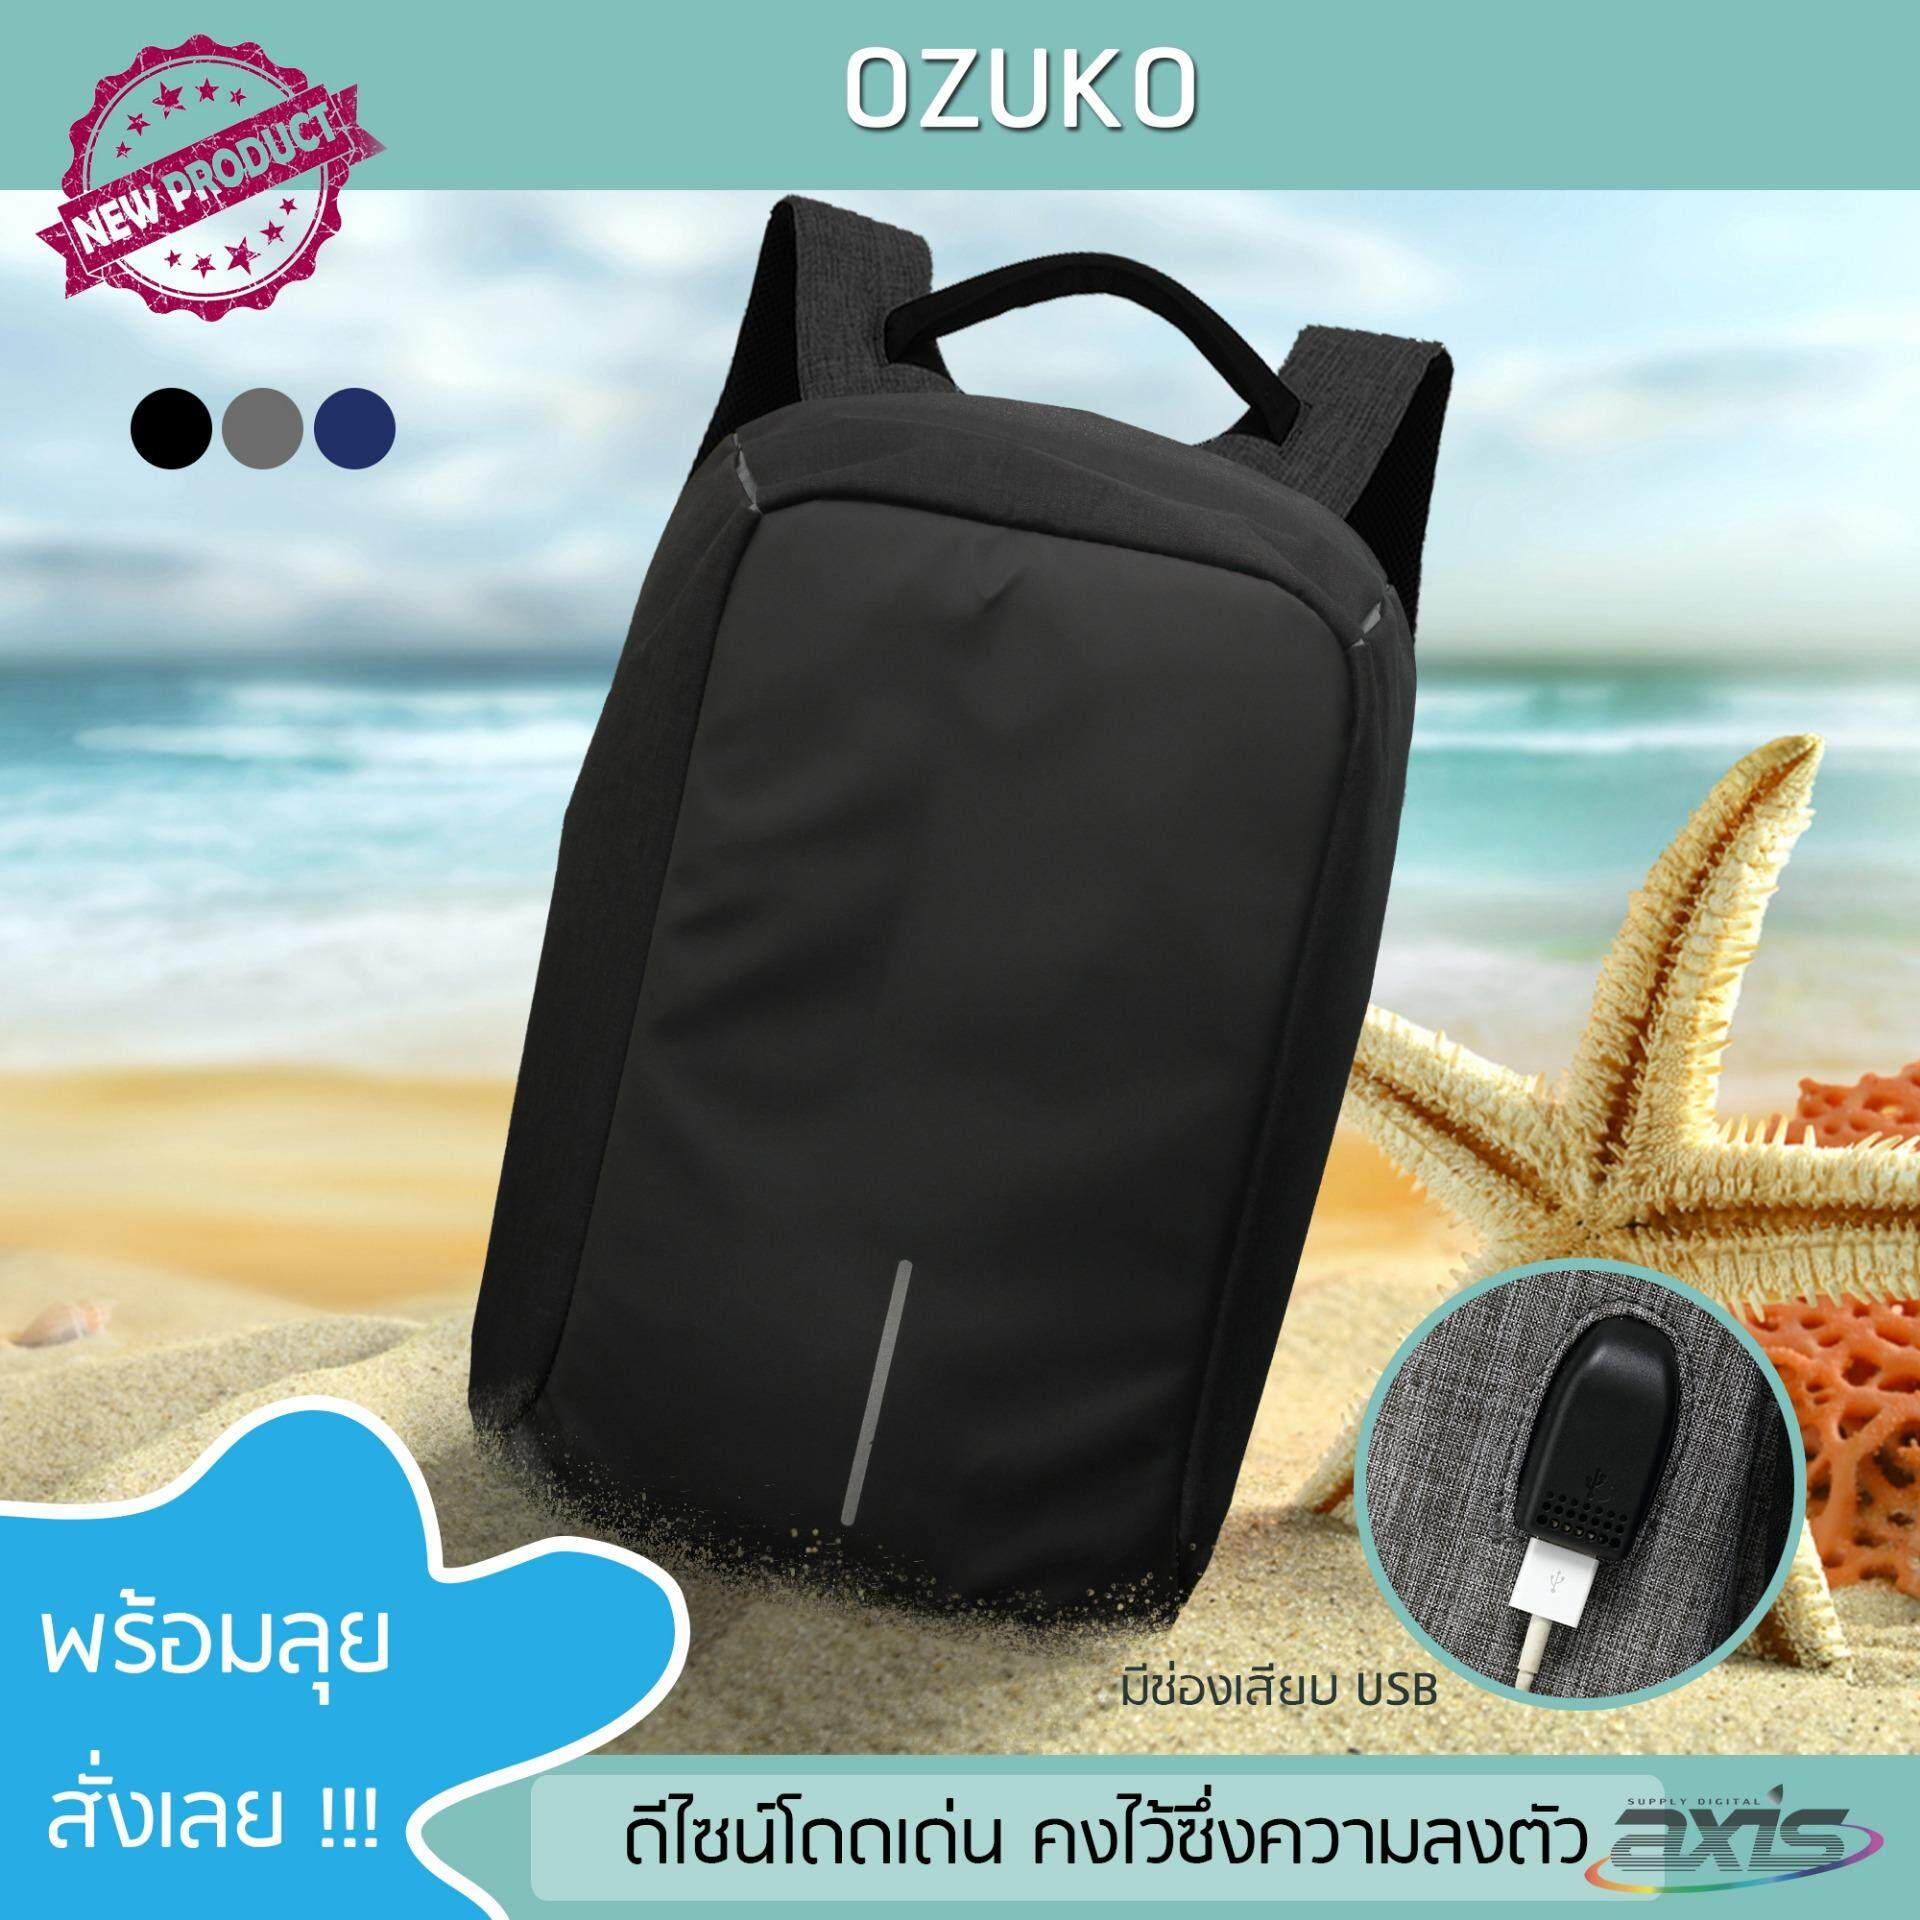 ซื้อ กระเป๋าเป้ Ozuko มี Usb Port ชาร์จโทรศัพท์ คงทนแข็งแรงใส่ของได้เยอะมีช่องซิปภายใน Notebook แฟ้มเอกสาร เสื้อผ้า โทรศัพท์มือถือ อื่นๆ สีดำ ใน กรุงเทพมหานคร